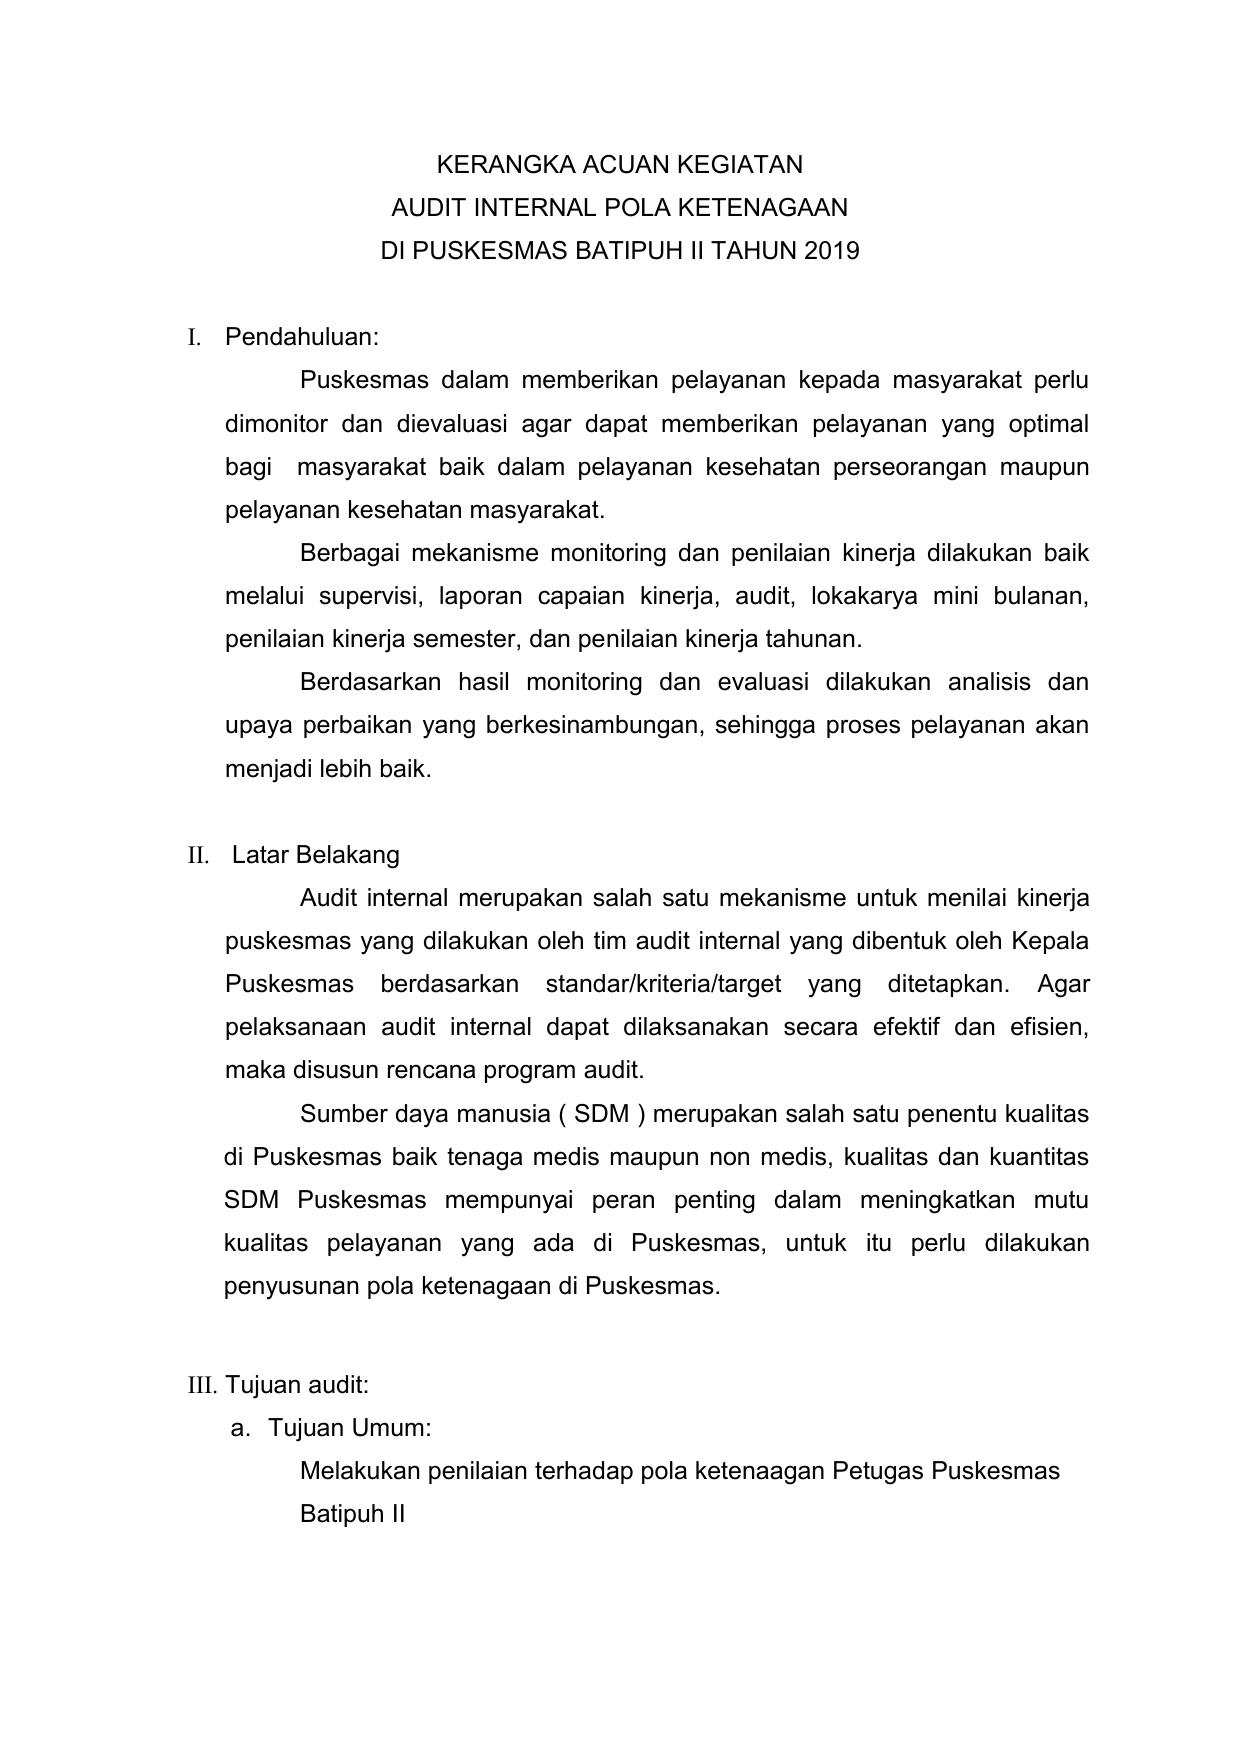 Contoh Laporan Hasil Audit Internal Puskesmas Kumpulan Contoh Laporan